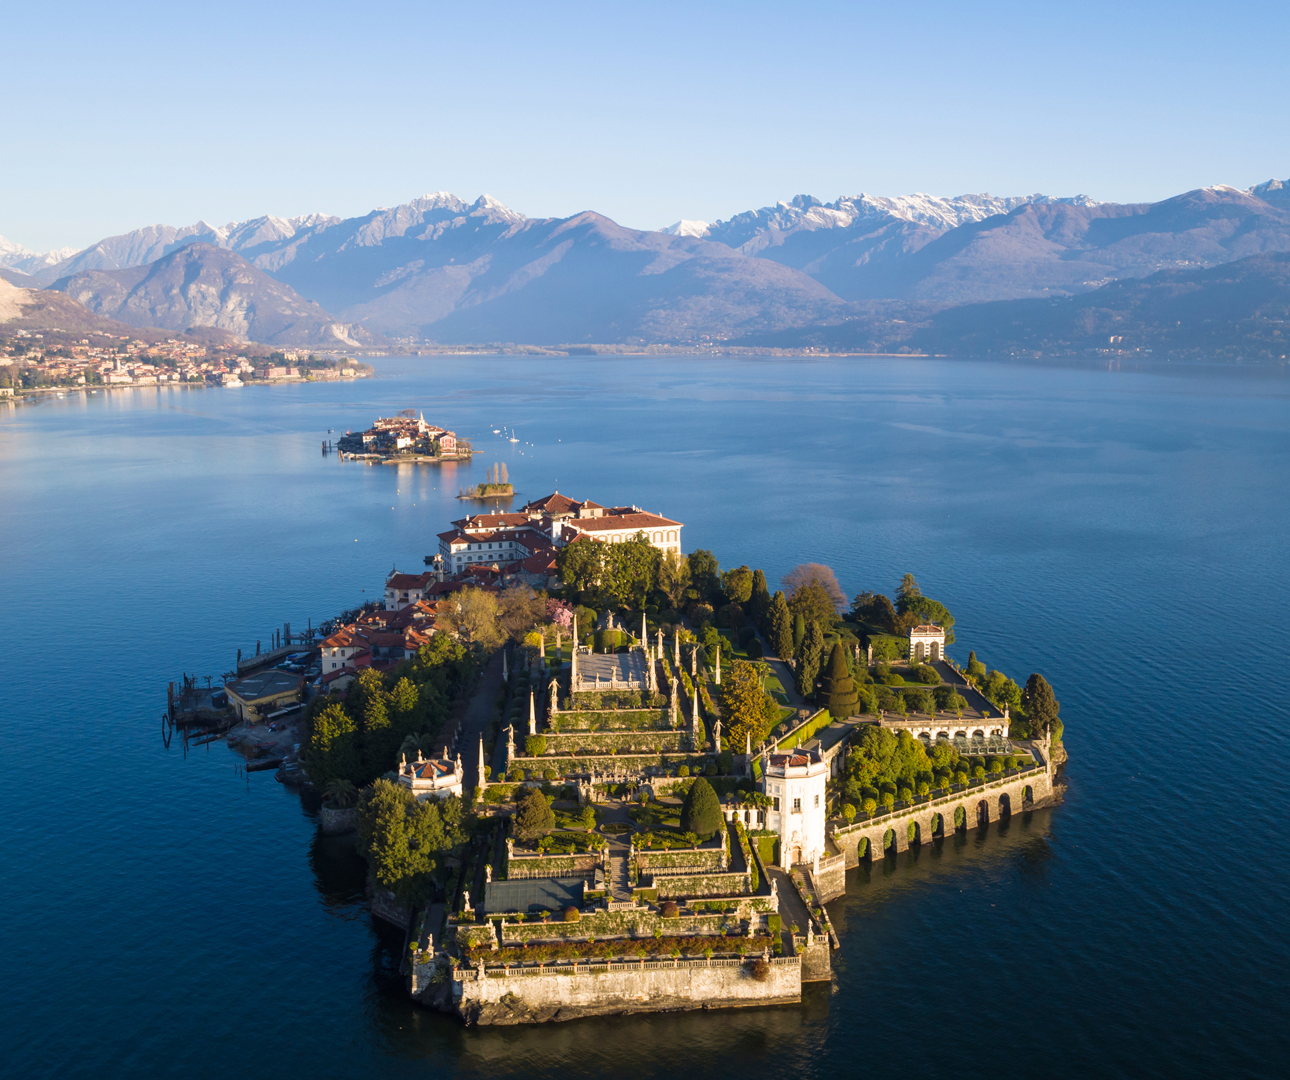 Isola-Bella-on-Lake-Maggiore-iStock-xenotar-www.istockphoto